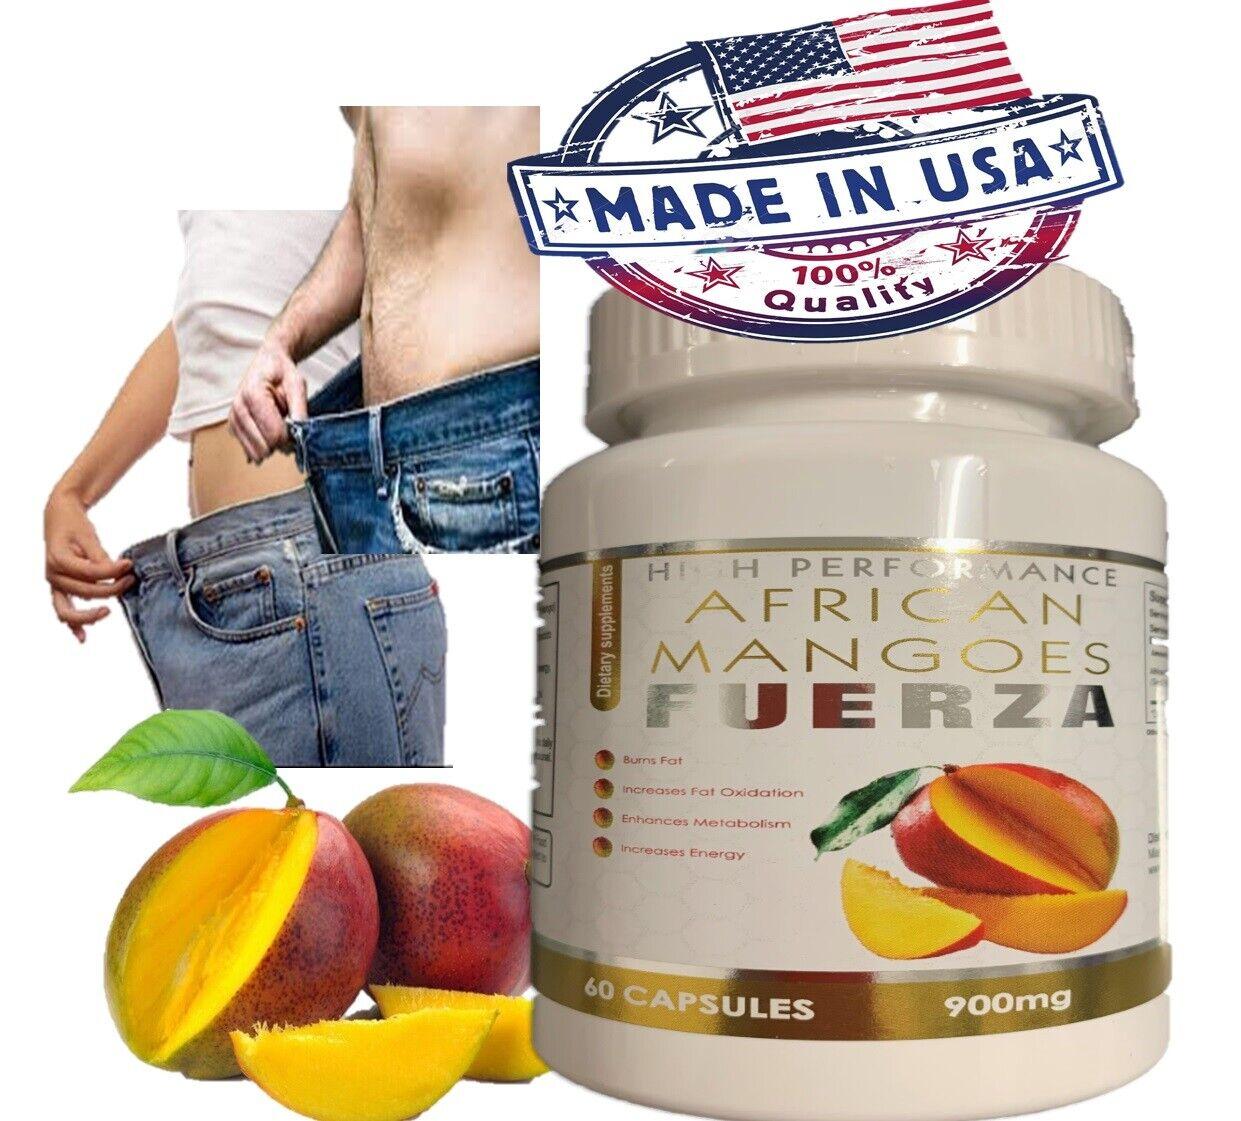 Pastillas para el control de peso y apetito quemadoras de grasa abdominal kit  3